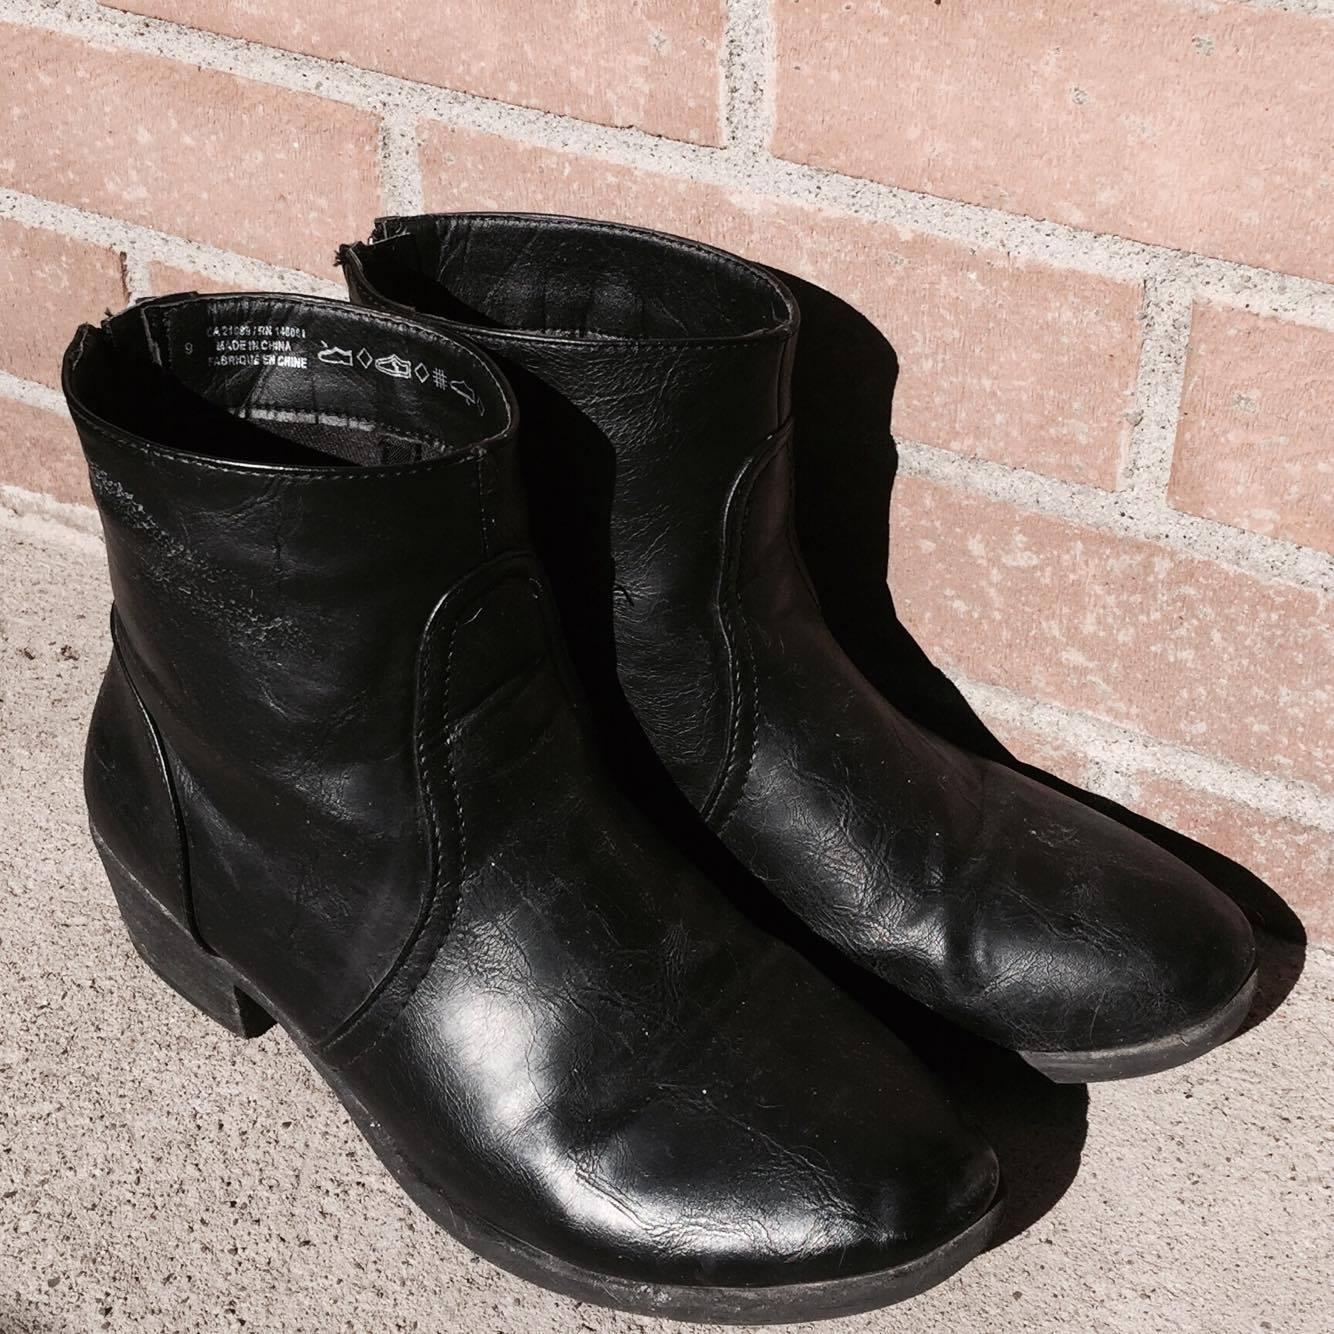 bottes noires boots fashion mode